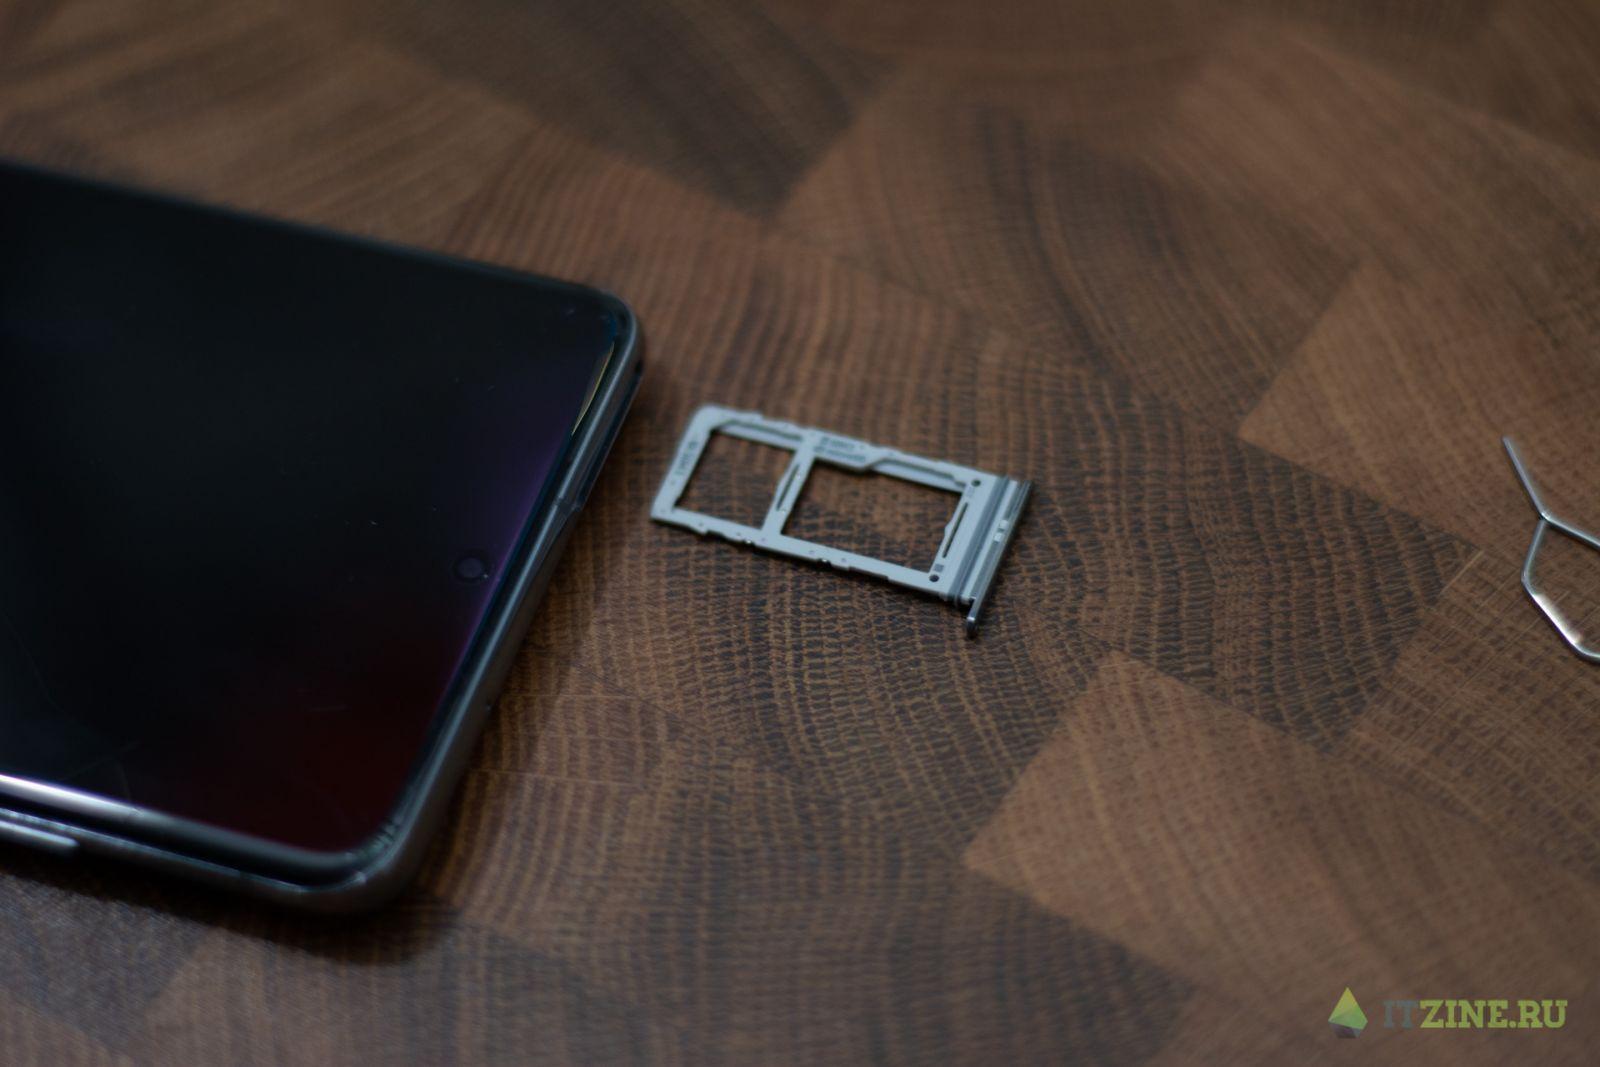 Премиум без изъянов. Обзор смартфона Samsung Galaxy S20+ (dsc 8726)